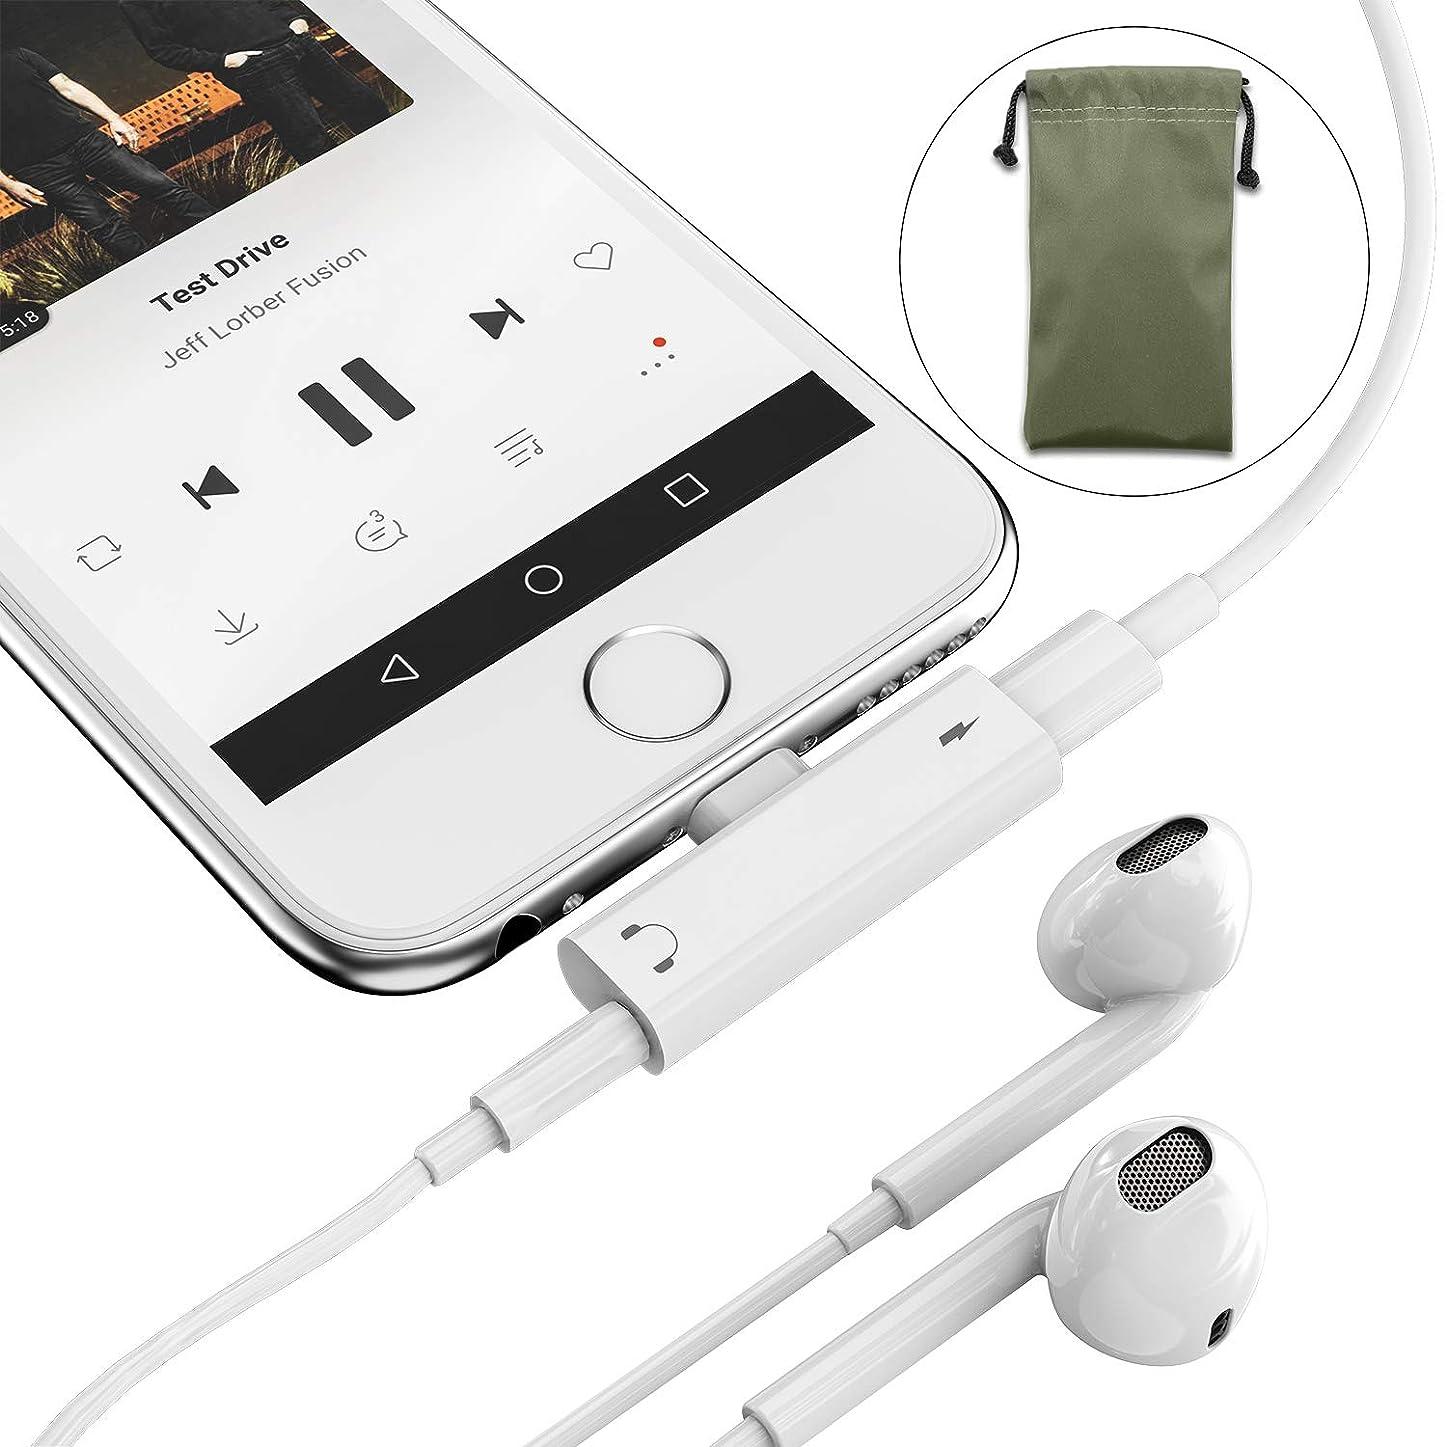 北東不格好引き出す【2 in 1×コンパクト】iPhone イヤホン変換ケーブル3.5mm イヤホン 変換ケーブル 2IN1 (IOS10、11/12 対応) 音楽/充電 Lightning 3.5 mmヘッドフォンジャックアダプタ 5V/1A iPhoneXs/Xs max/Xr/X/8/8plus/7/7plus - 2019進化版